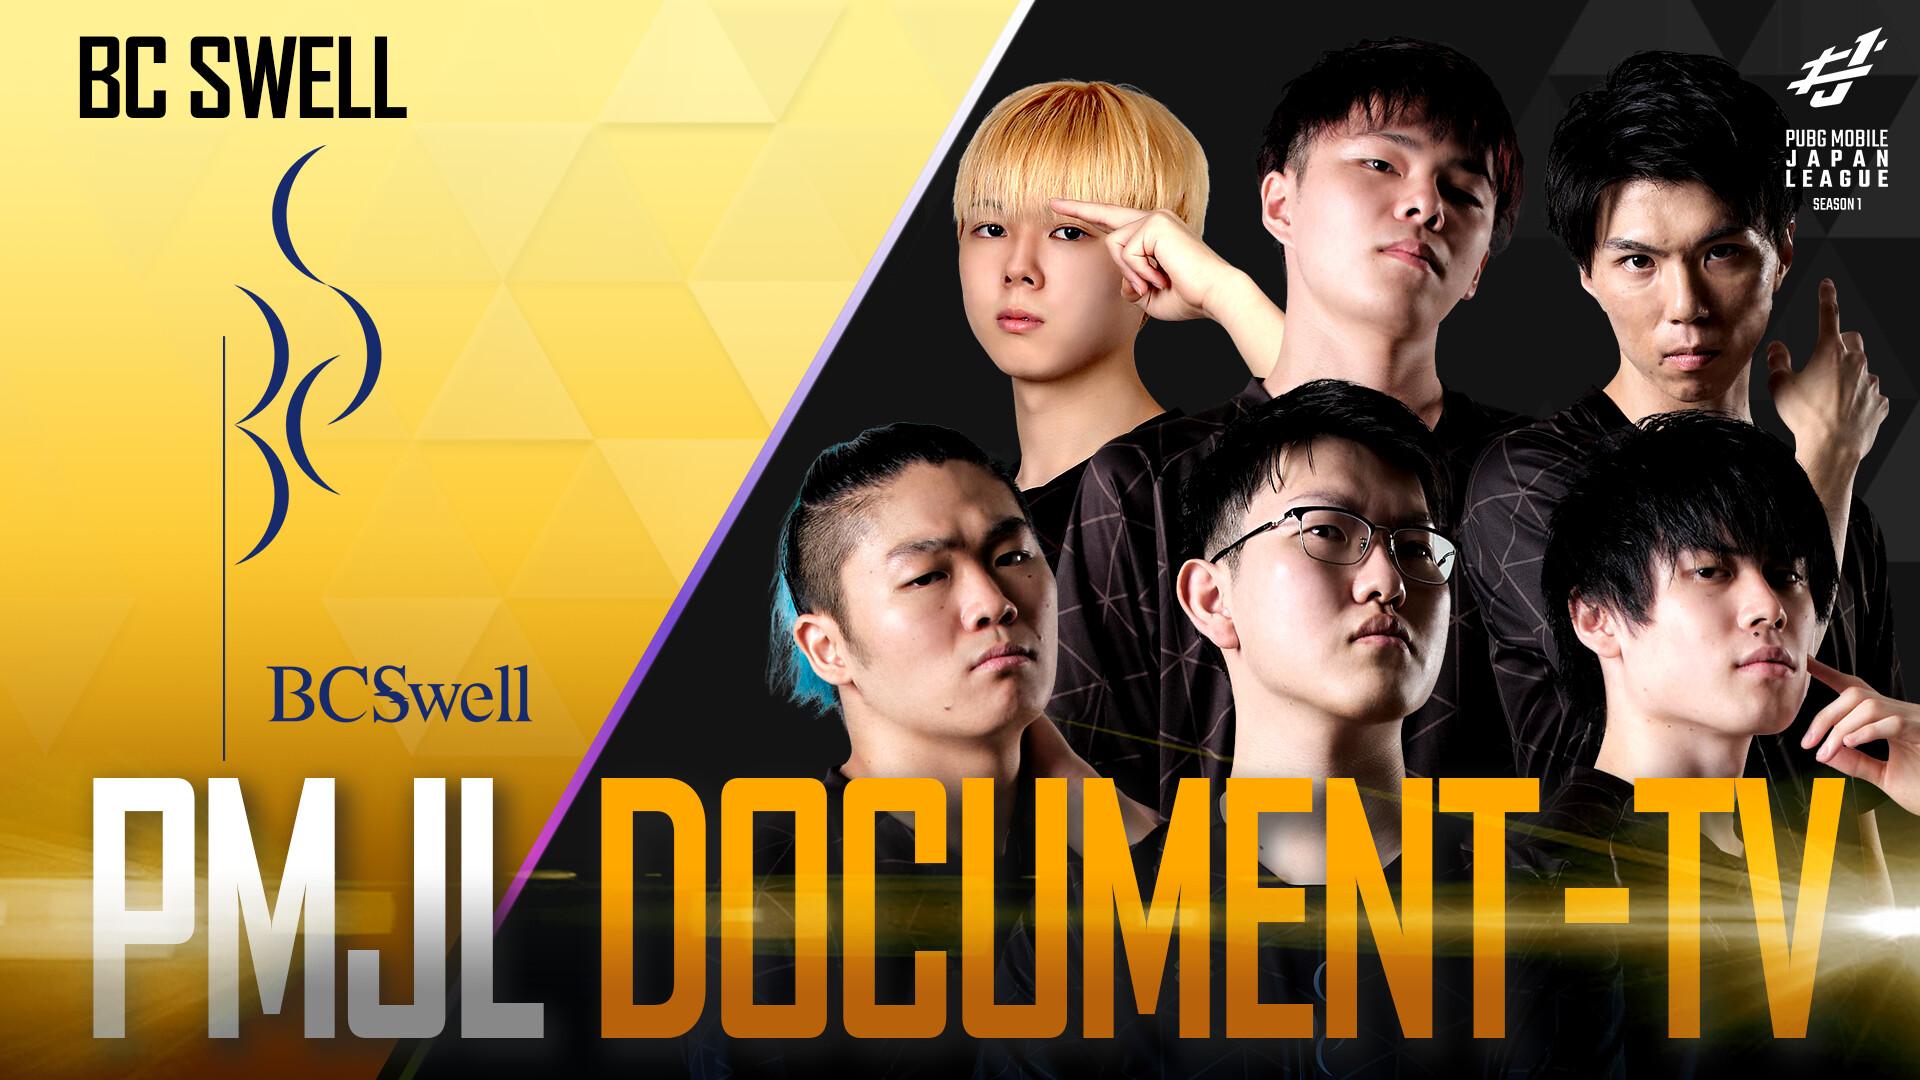 『 PMJL公式 』よりBC SWELLのドキュメント動画が公開!!